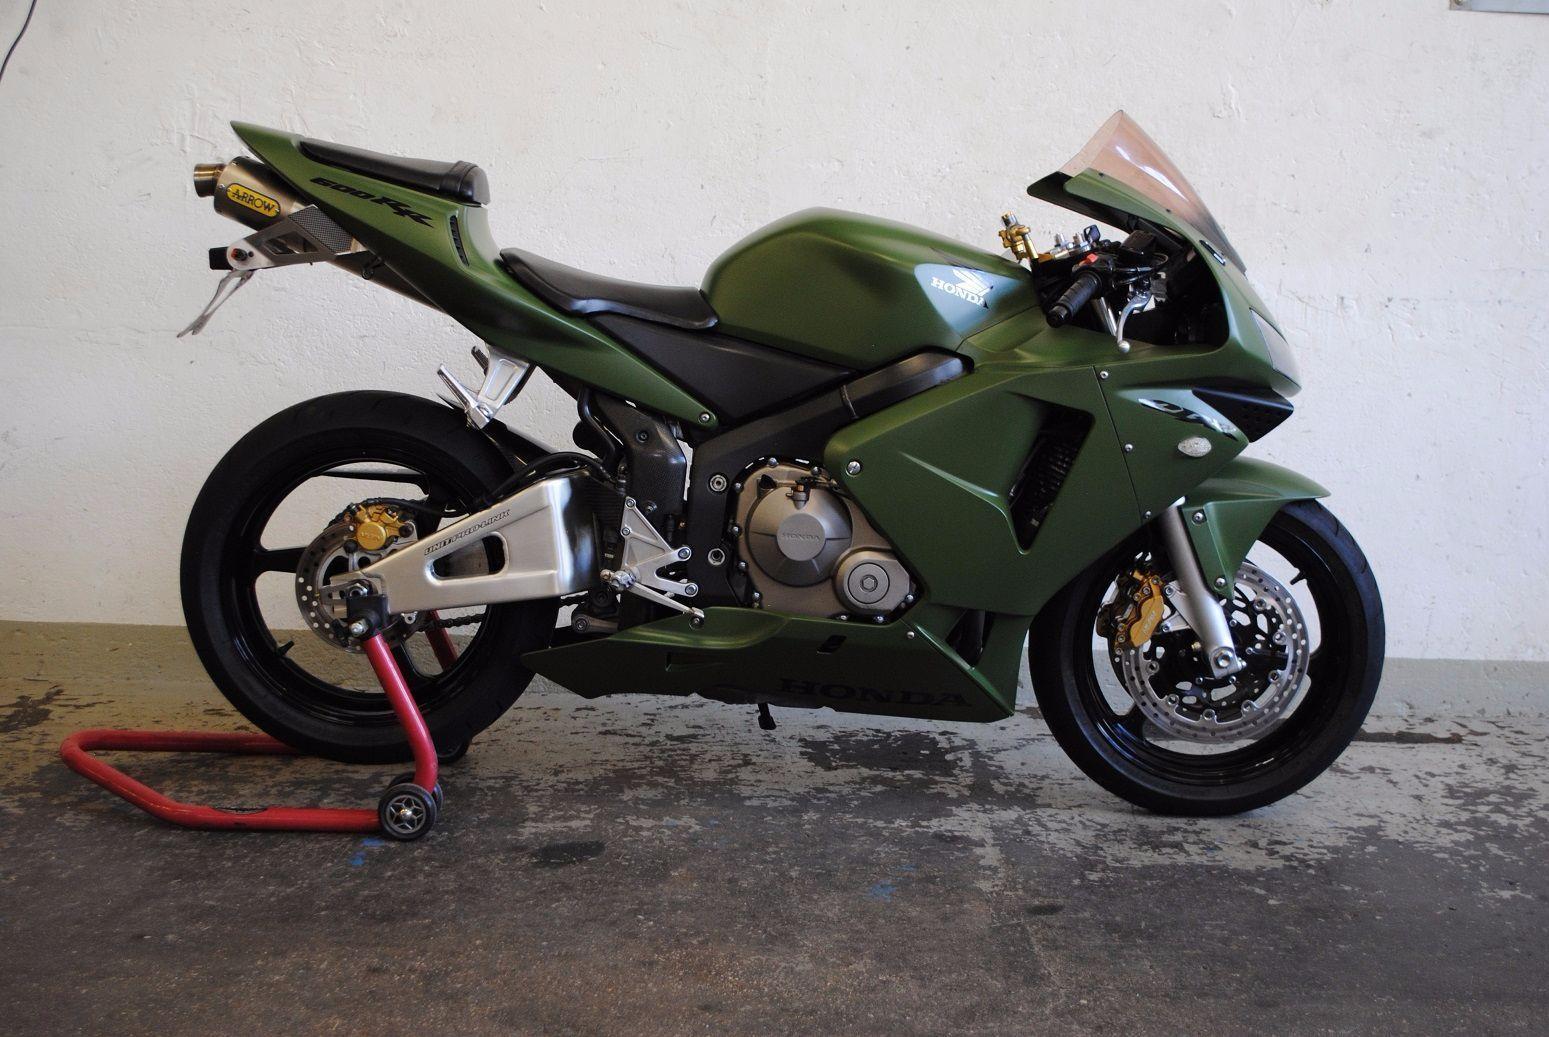 Honda cbr 600 rr spezial design moto meile gmbh triumph for Design occasioni